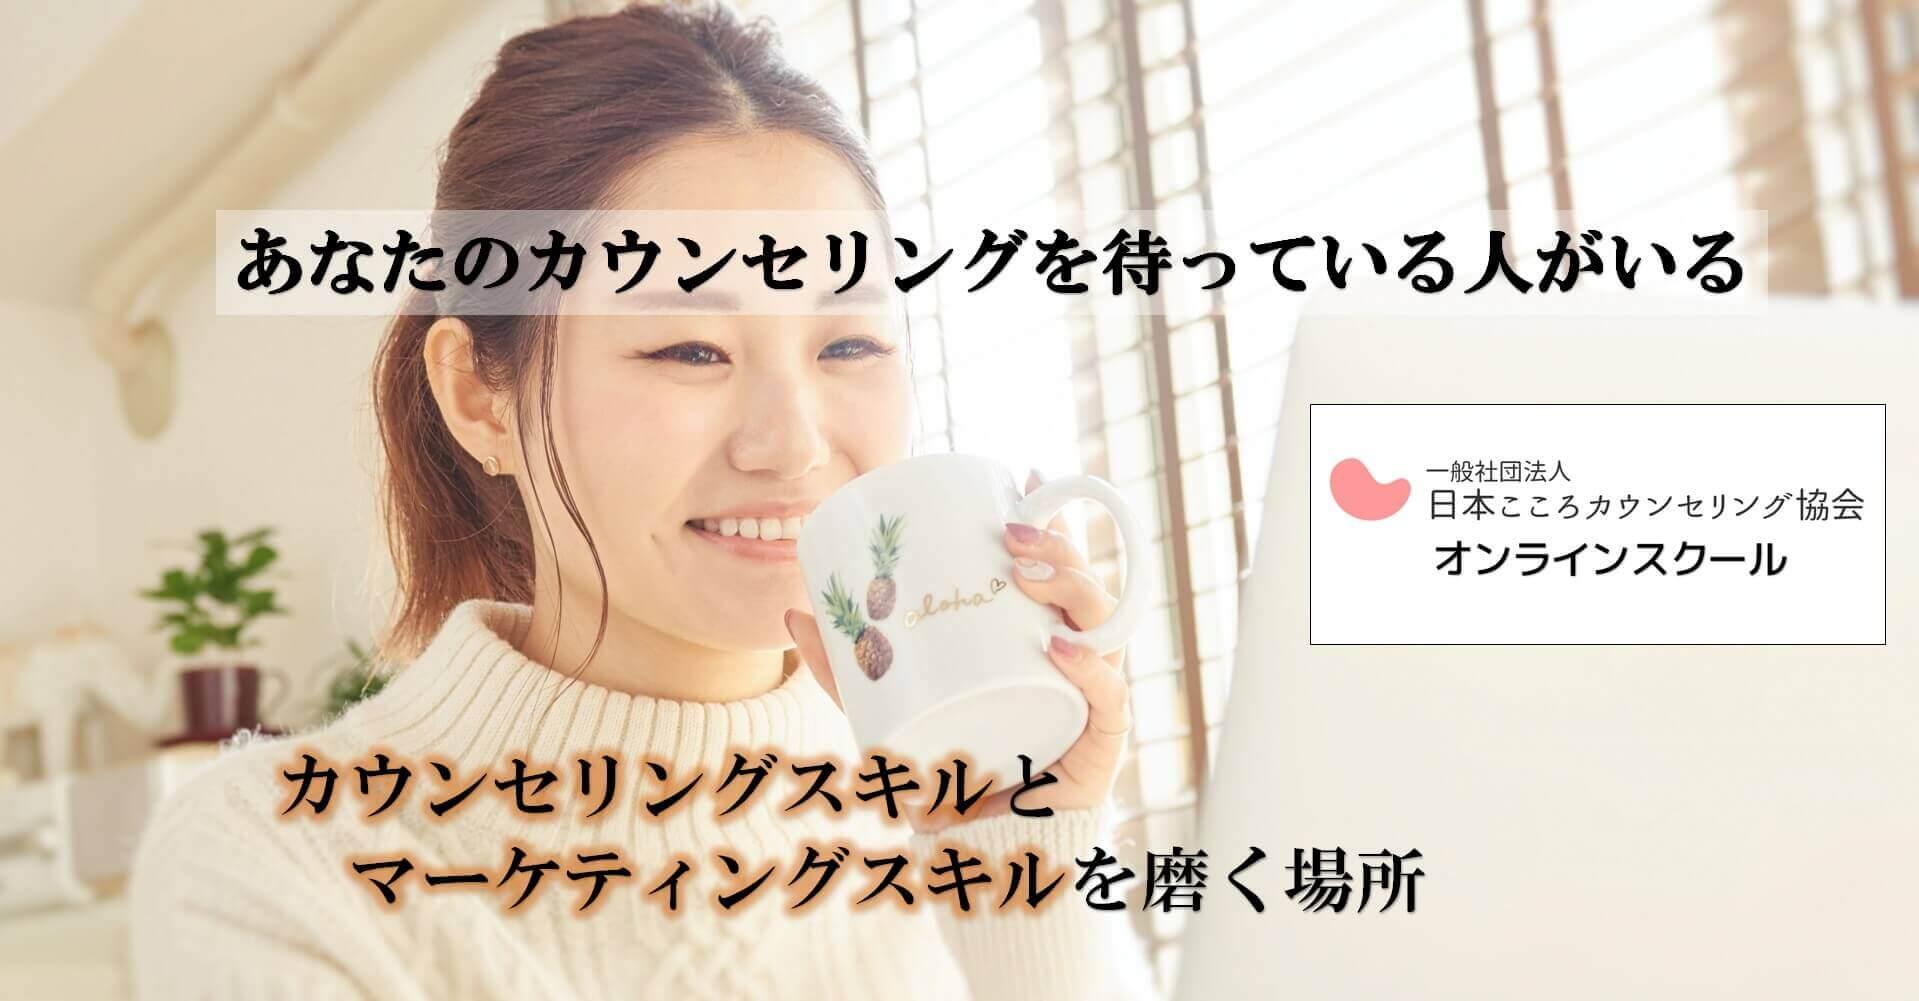 日本こころカウンセリング協会オンラインスクール(JCS)